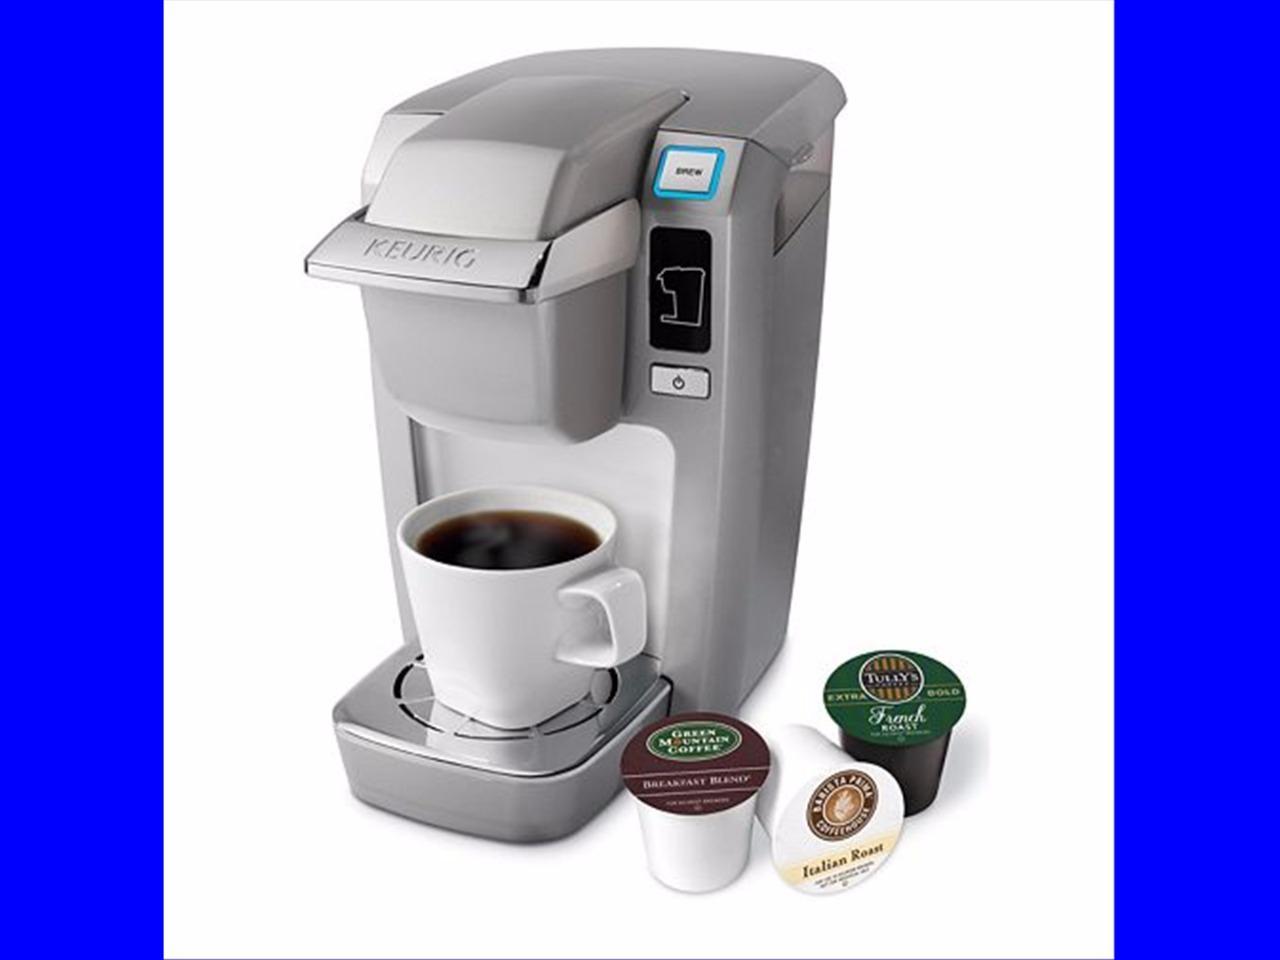 How To Use Red Keurig Coffee Maker : Keurig K10 Mini Plus Brewer Set Kit Coffee Maker New Brewing Red Black Blue eBay